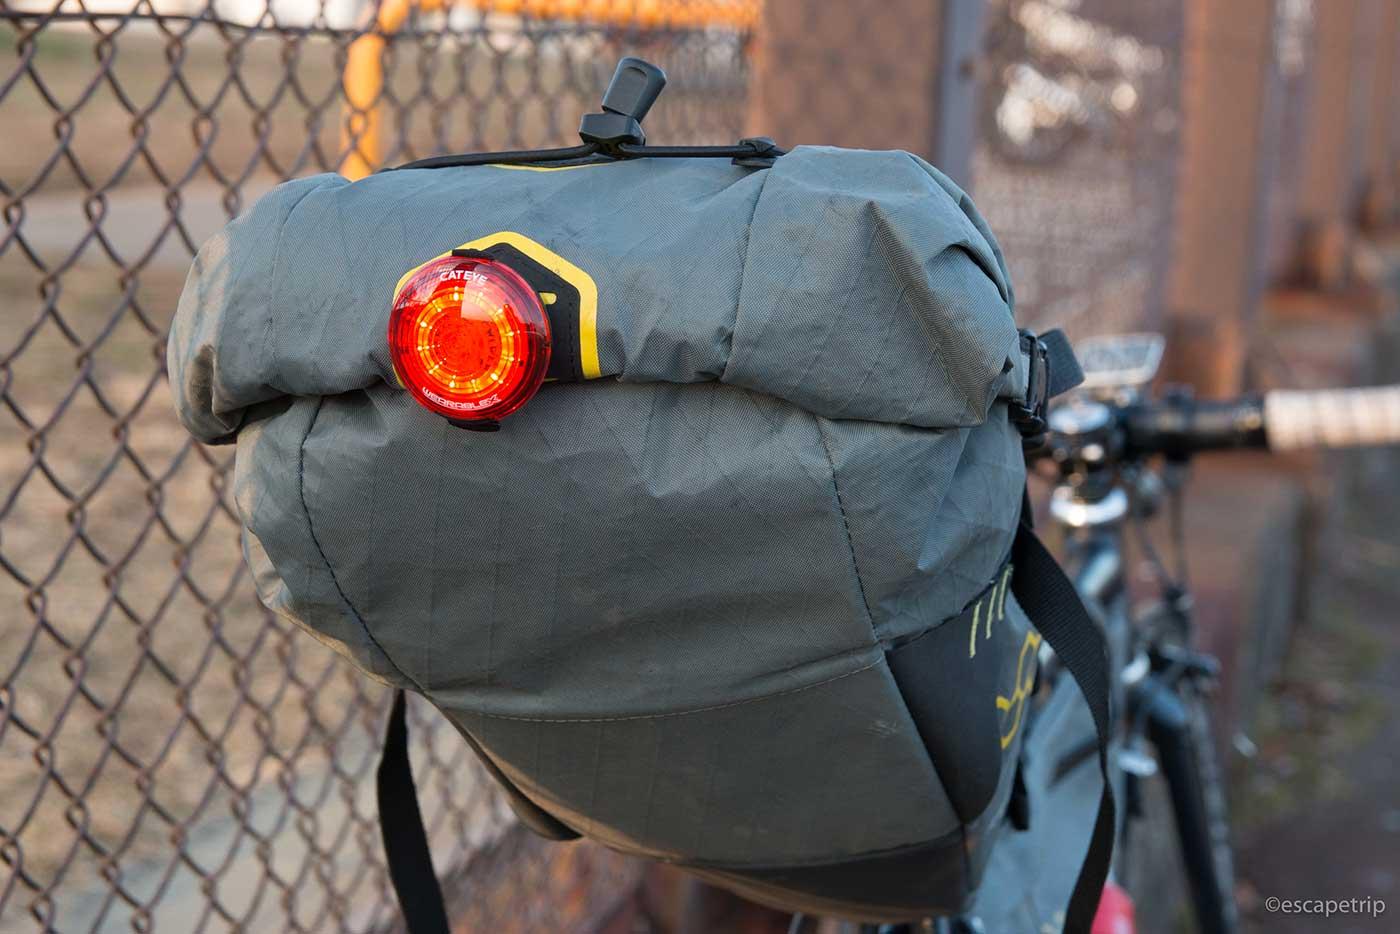 クリップ式ライトを付けたサドルバッグ